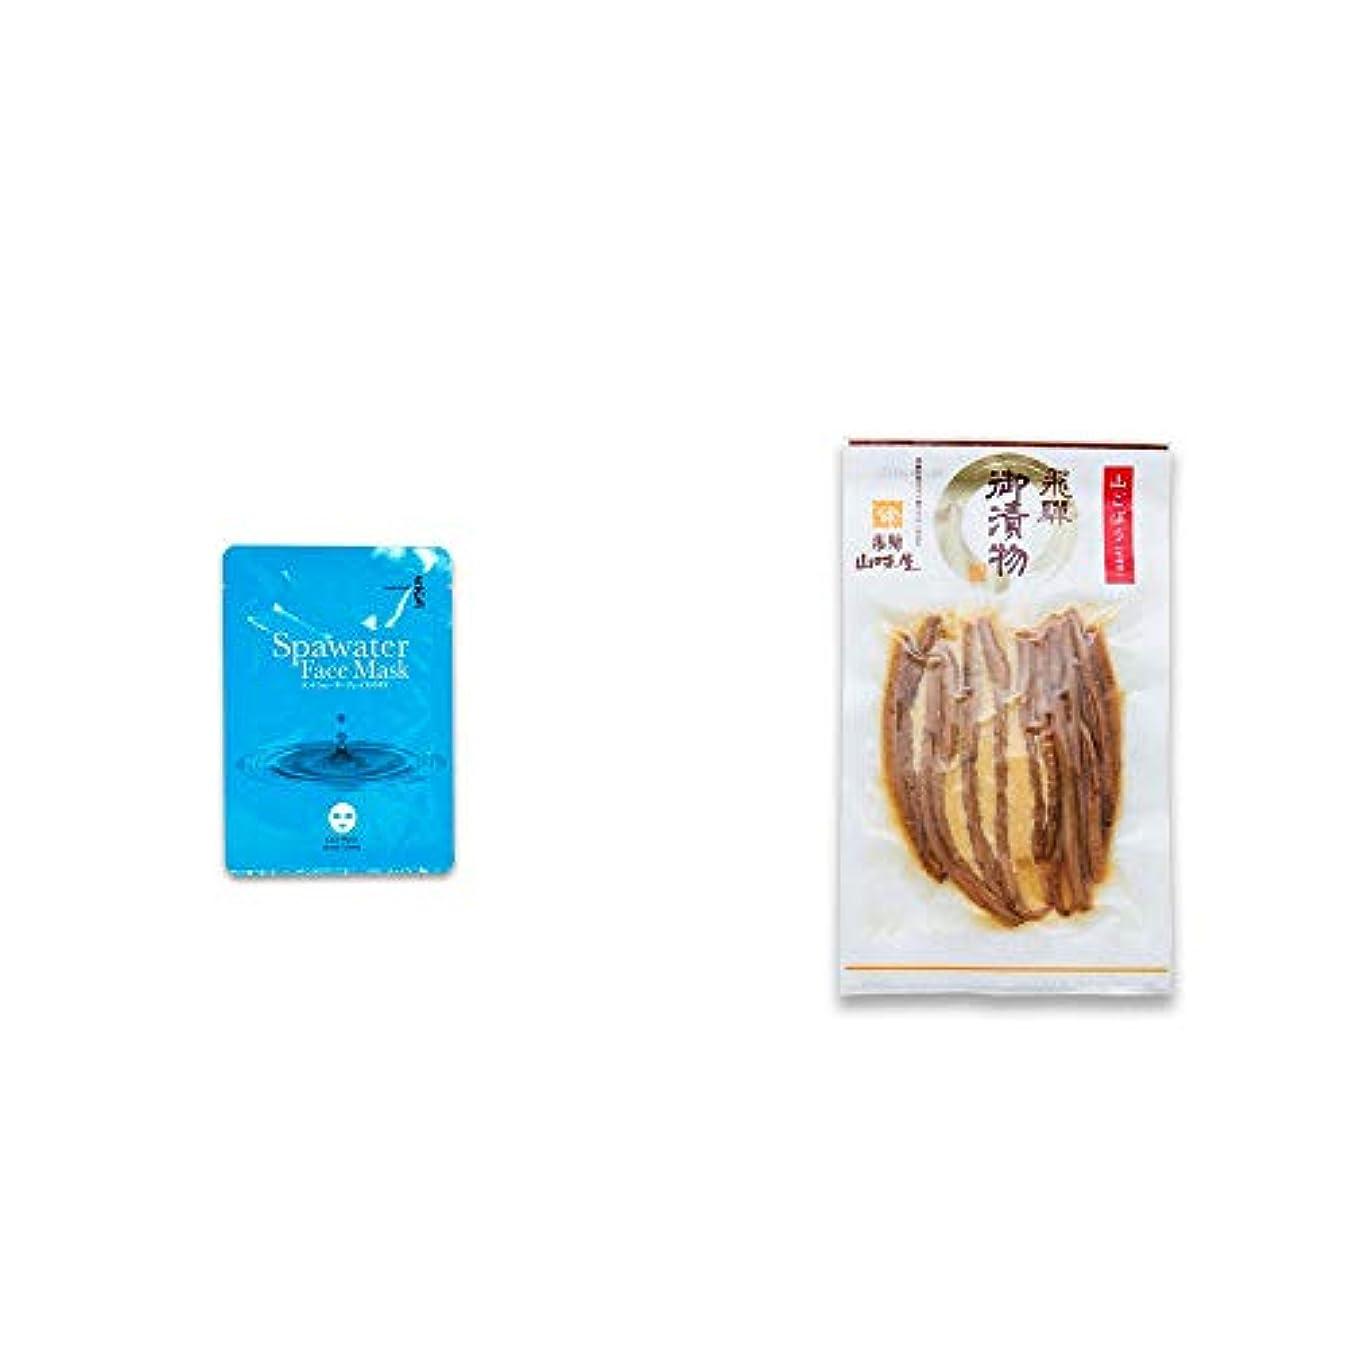 ランチョン奇跡的なロードハウス[2点セット] ひのき炭黒泉 スパウォーターフェイスマスク(18ml×3枚入)?飛騨山味屋 山ごぼう味噌漬(80g)